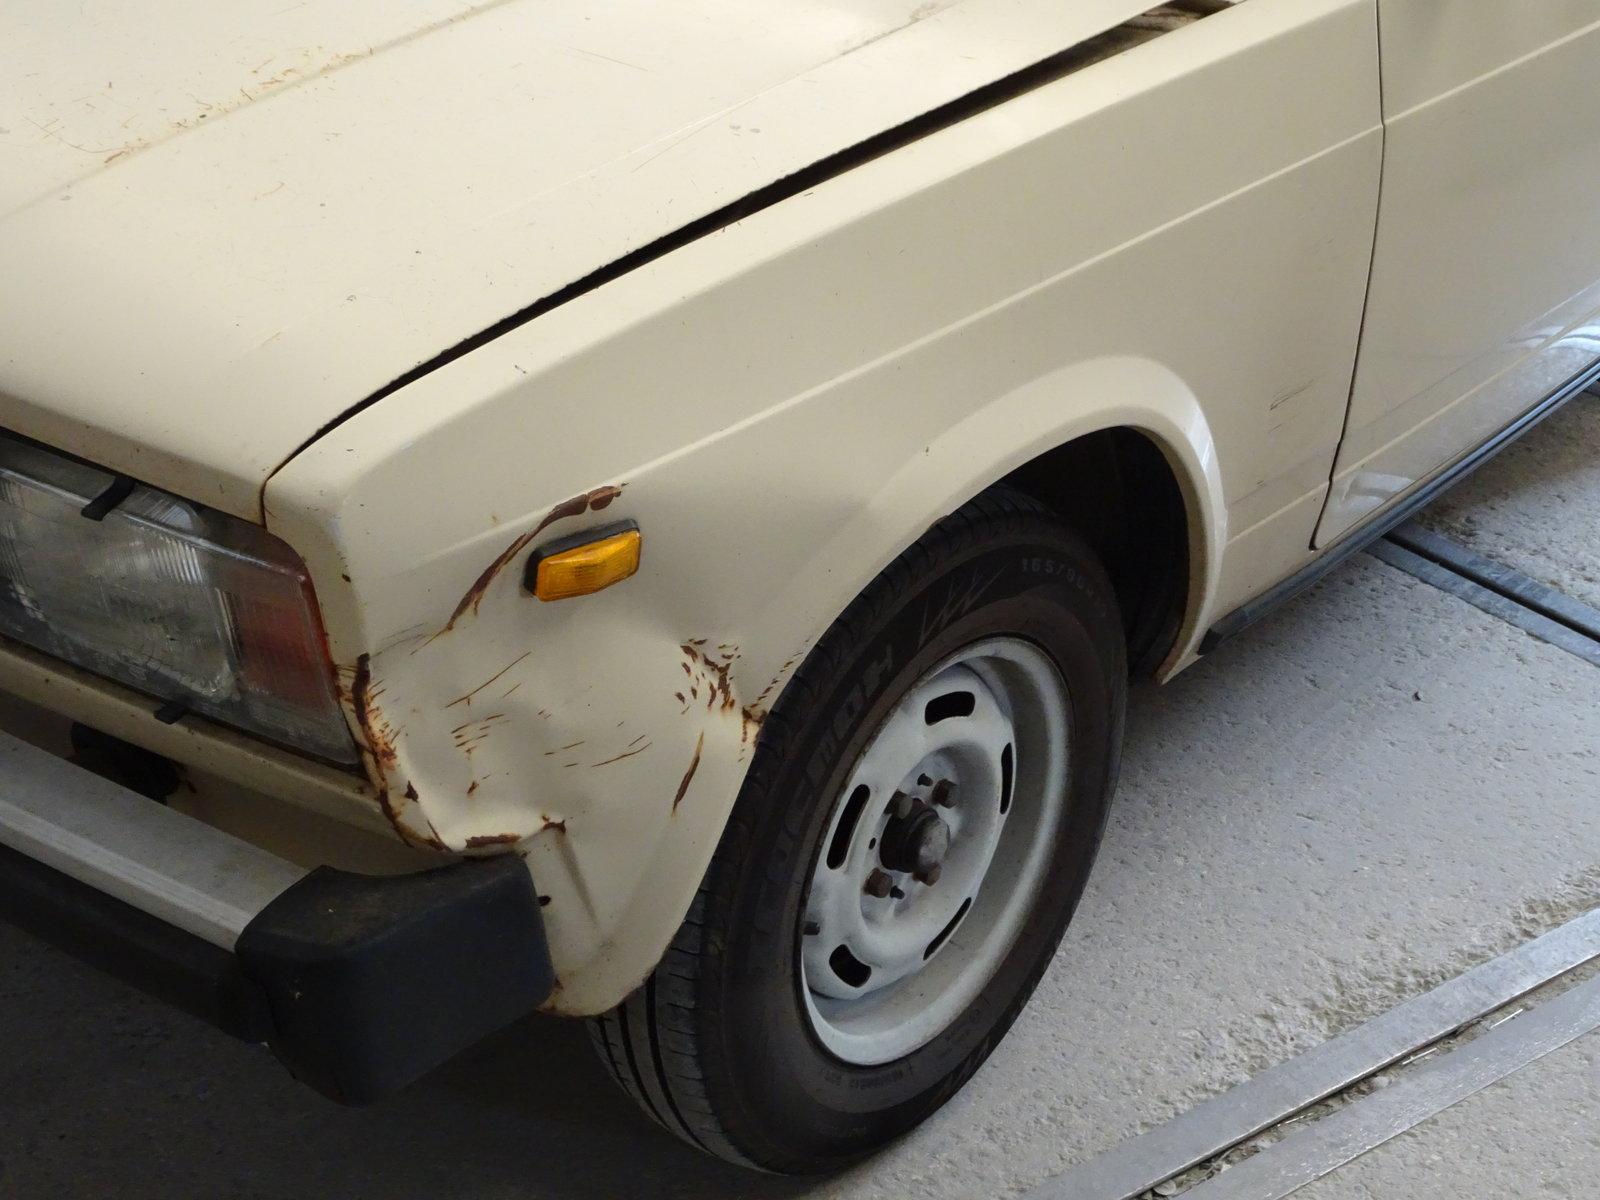 Lada 2104.3 1500GL de 1988 (ex à yoyo) - Page 2 190802072400411395